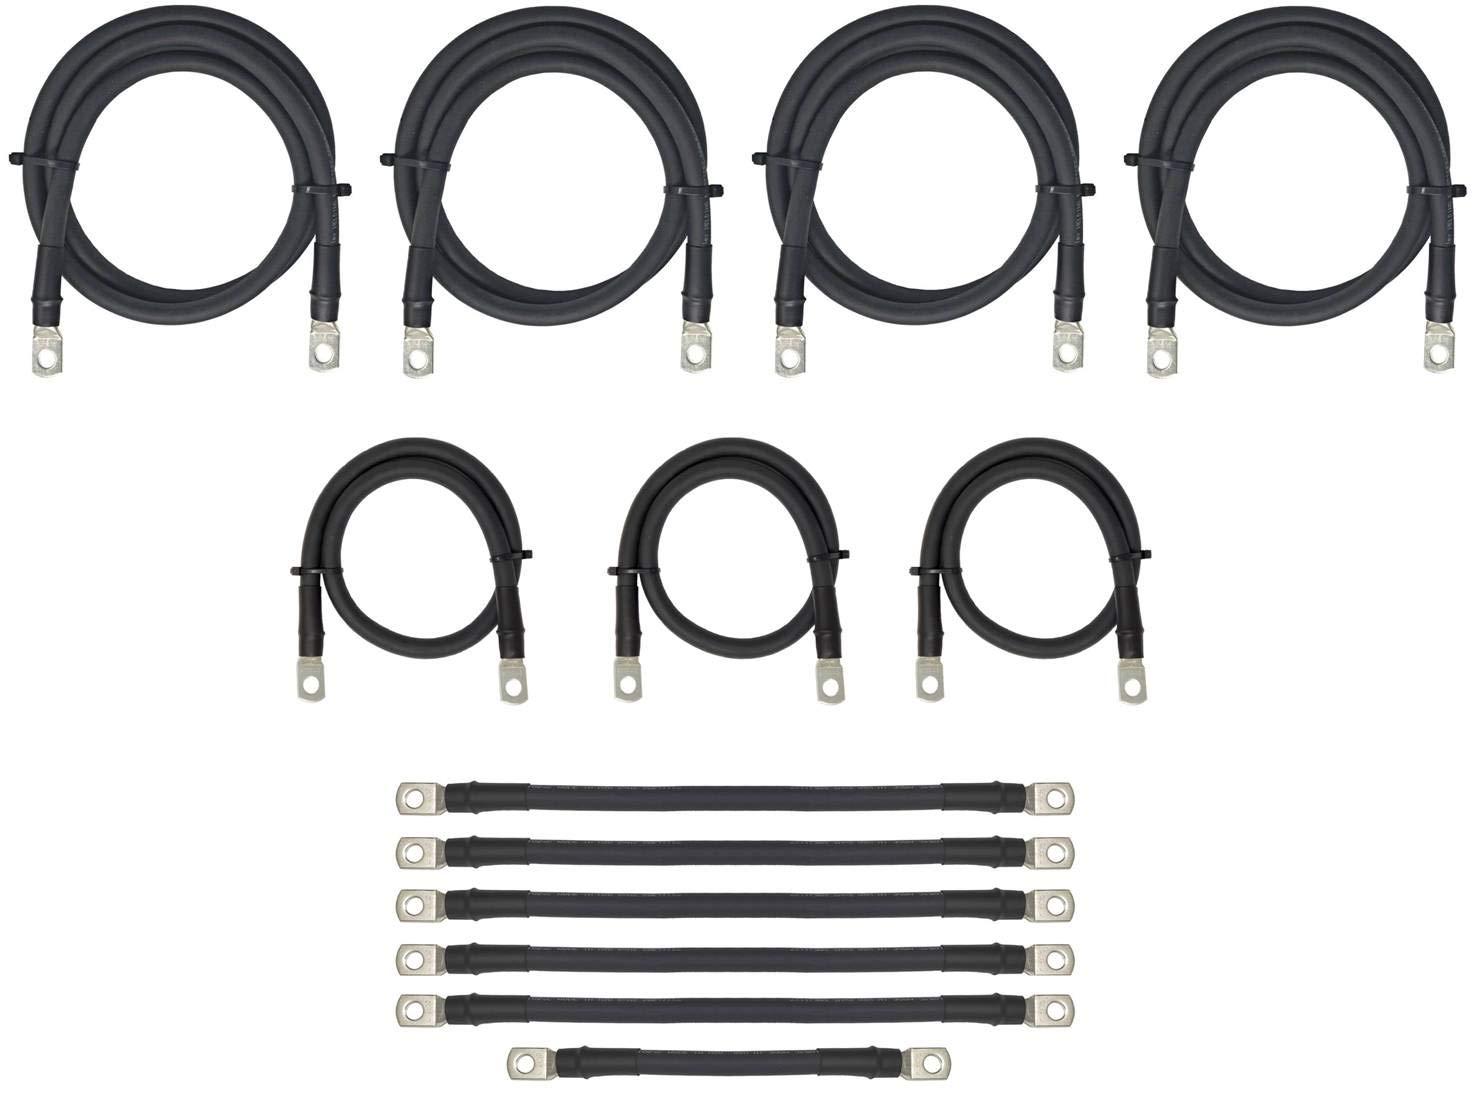 Aftermarket 4 Gauge Golf Cart Battery Cables Fits EZGO 36V 36 Volt TXT Golf Carts (Battery + Controller/Motor Cables) Complete 13 Piece Set